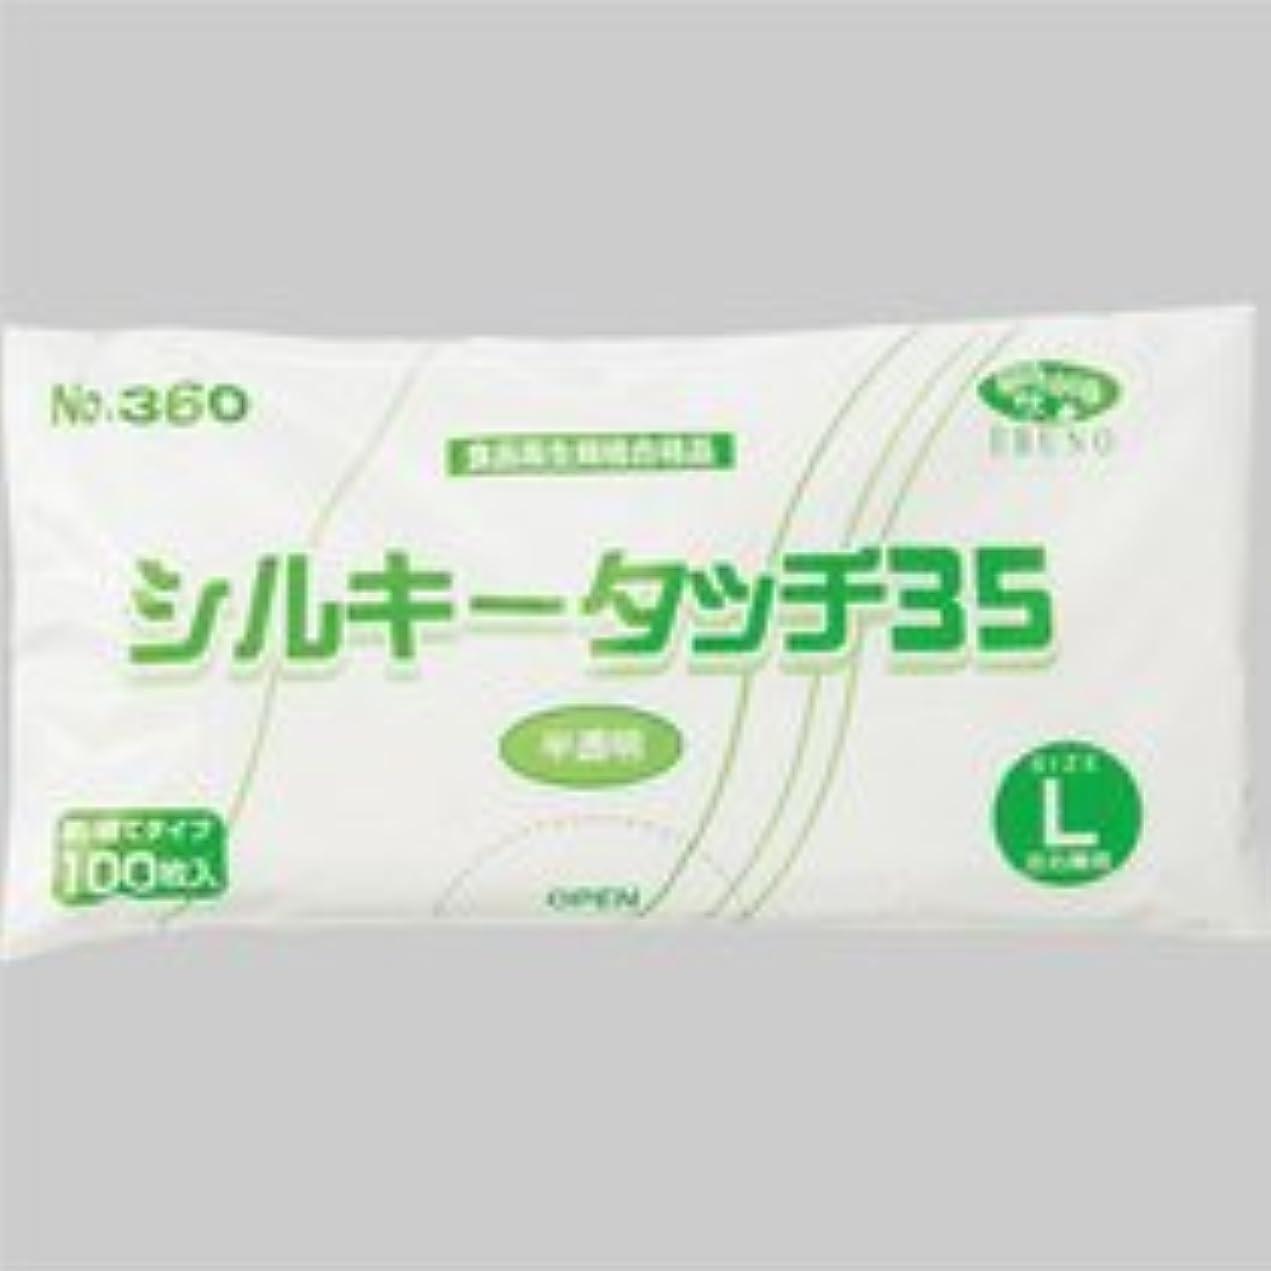 セットアップ農学憂鬱なエブノ ポリエチレン手袋 シルキータッチ35 半透明 L NO-360 1セット(1000枚:100枚×10パック)